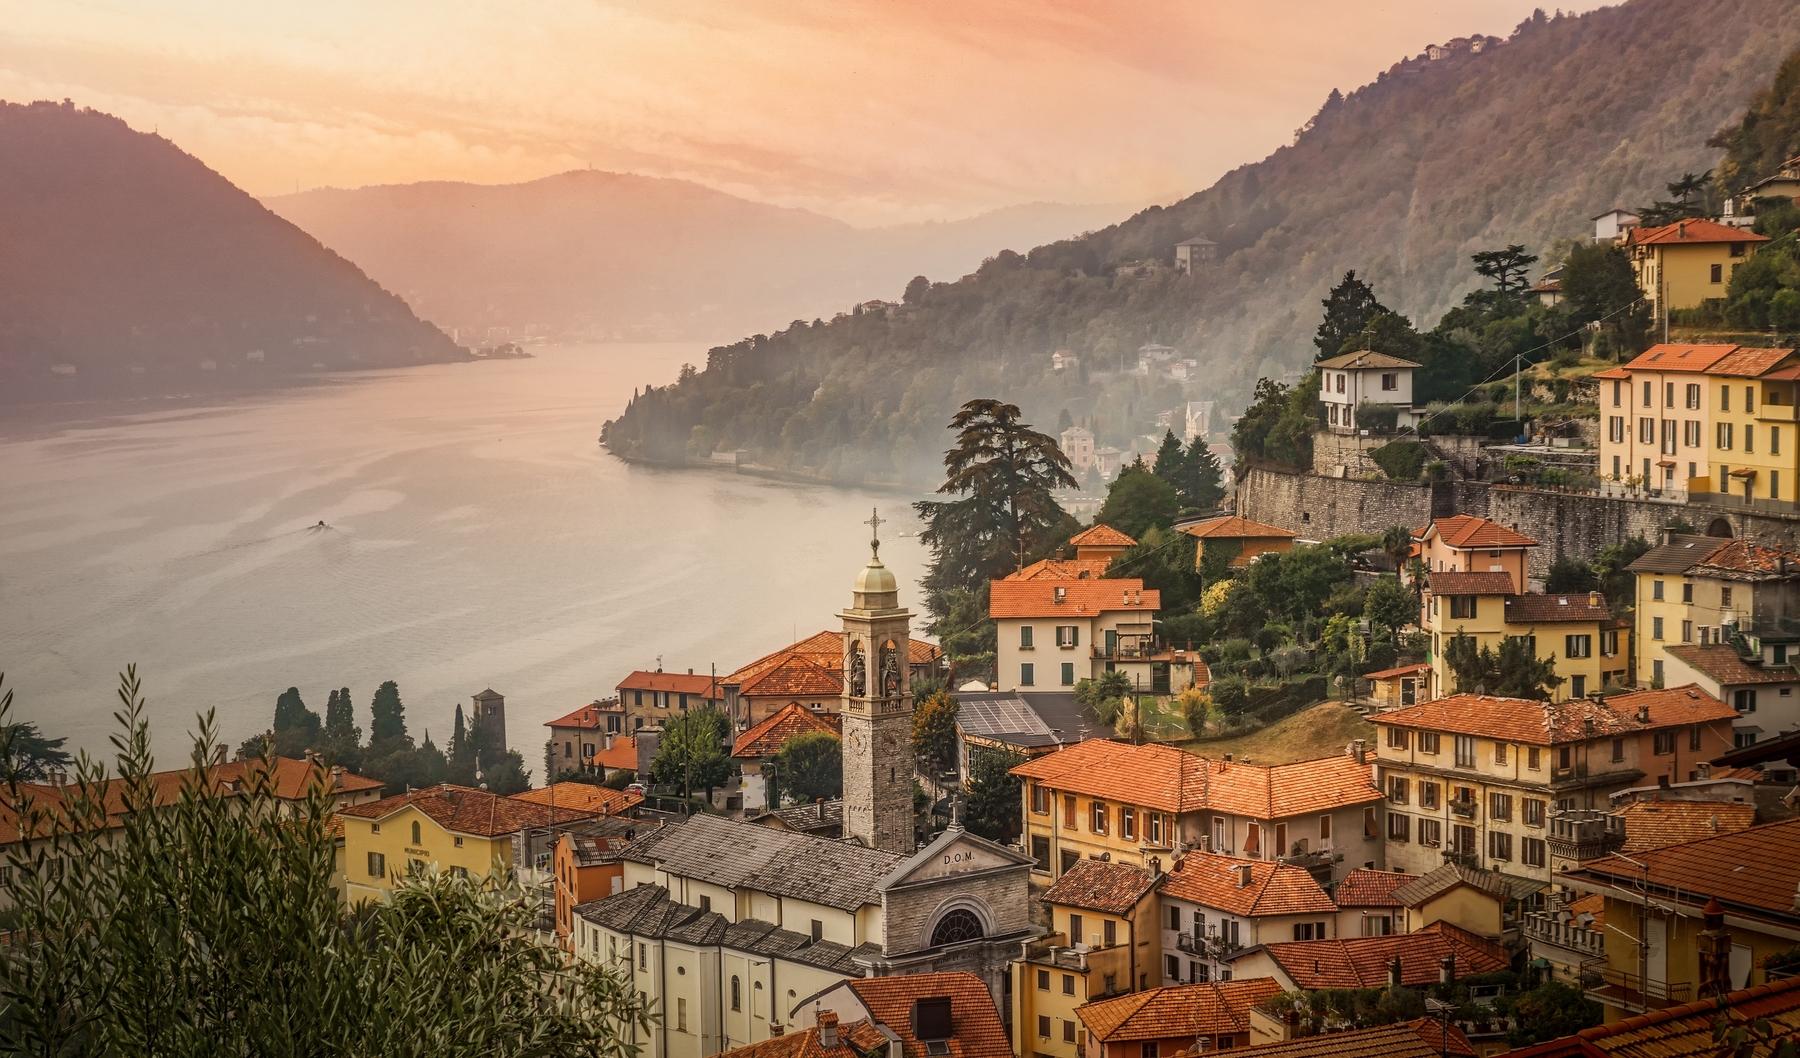 В Италию на машине! Три озера на севере страны, в области Ломбардия: Комо, Гарда, Маджоре